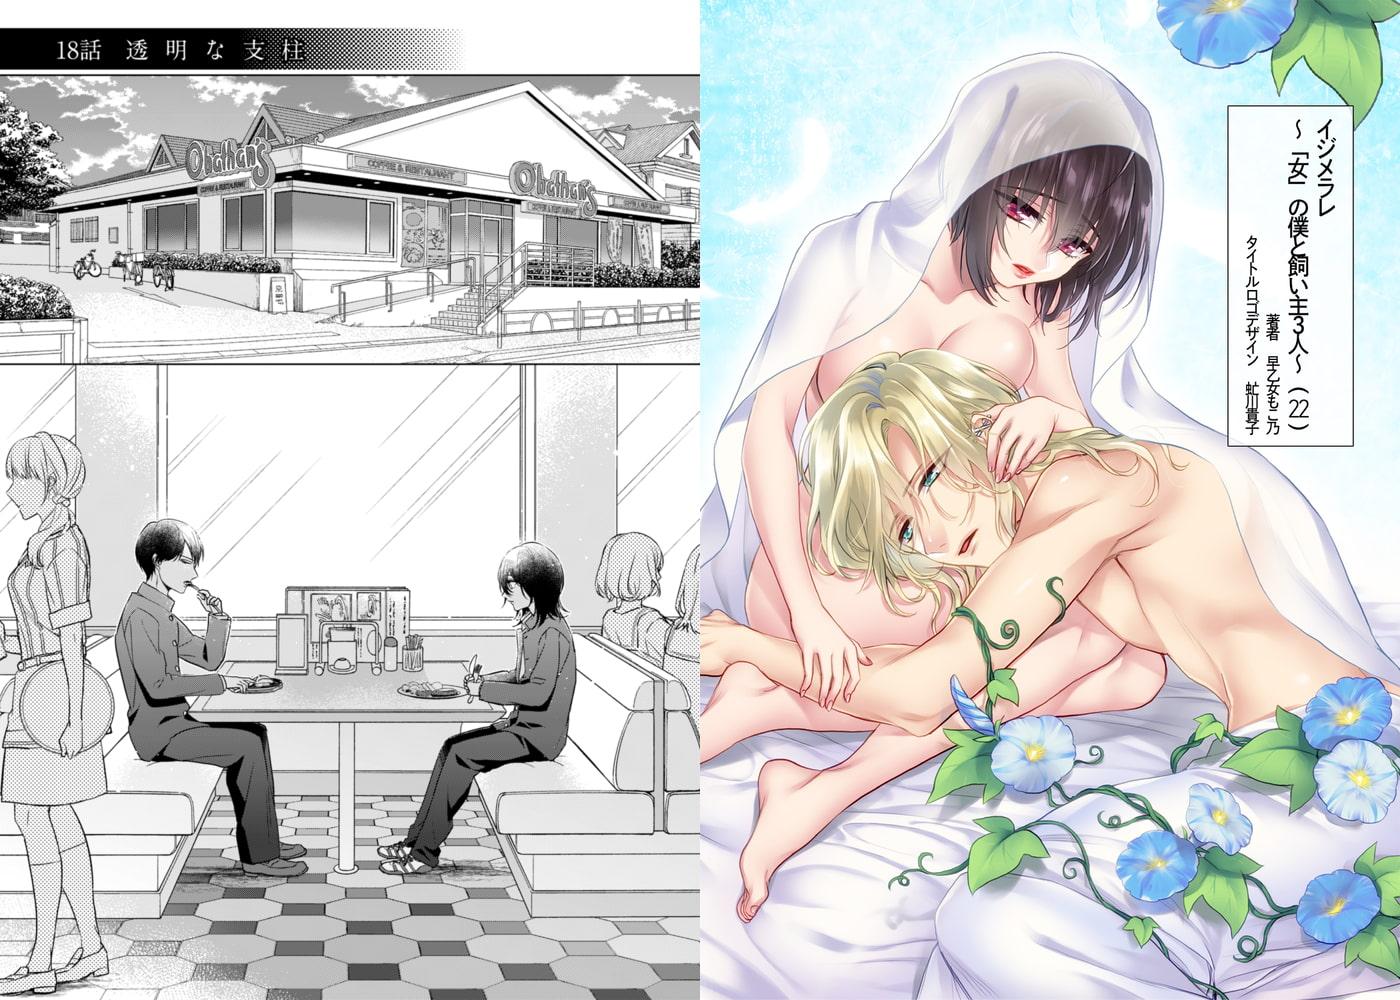 イジメラレ〜「女」の僕と飼い主3人〜【22話】サンプル画像1